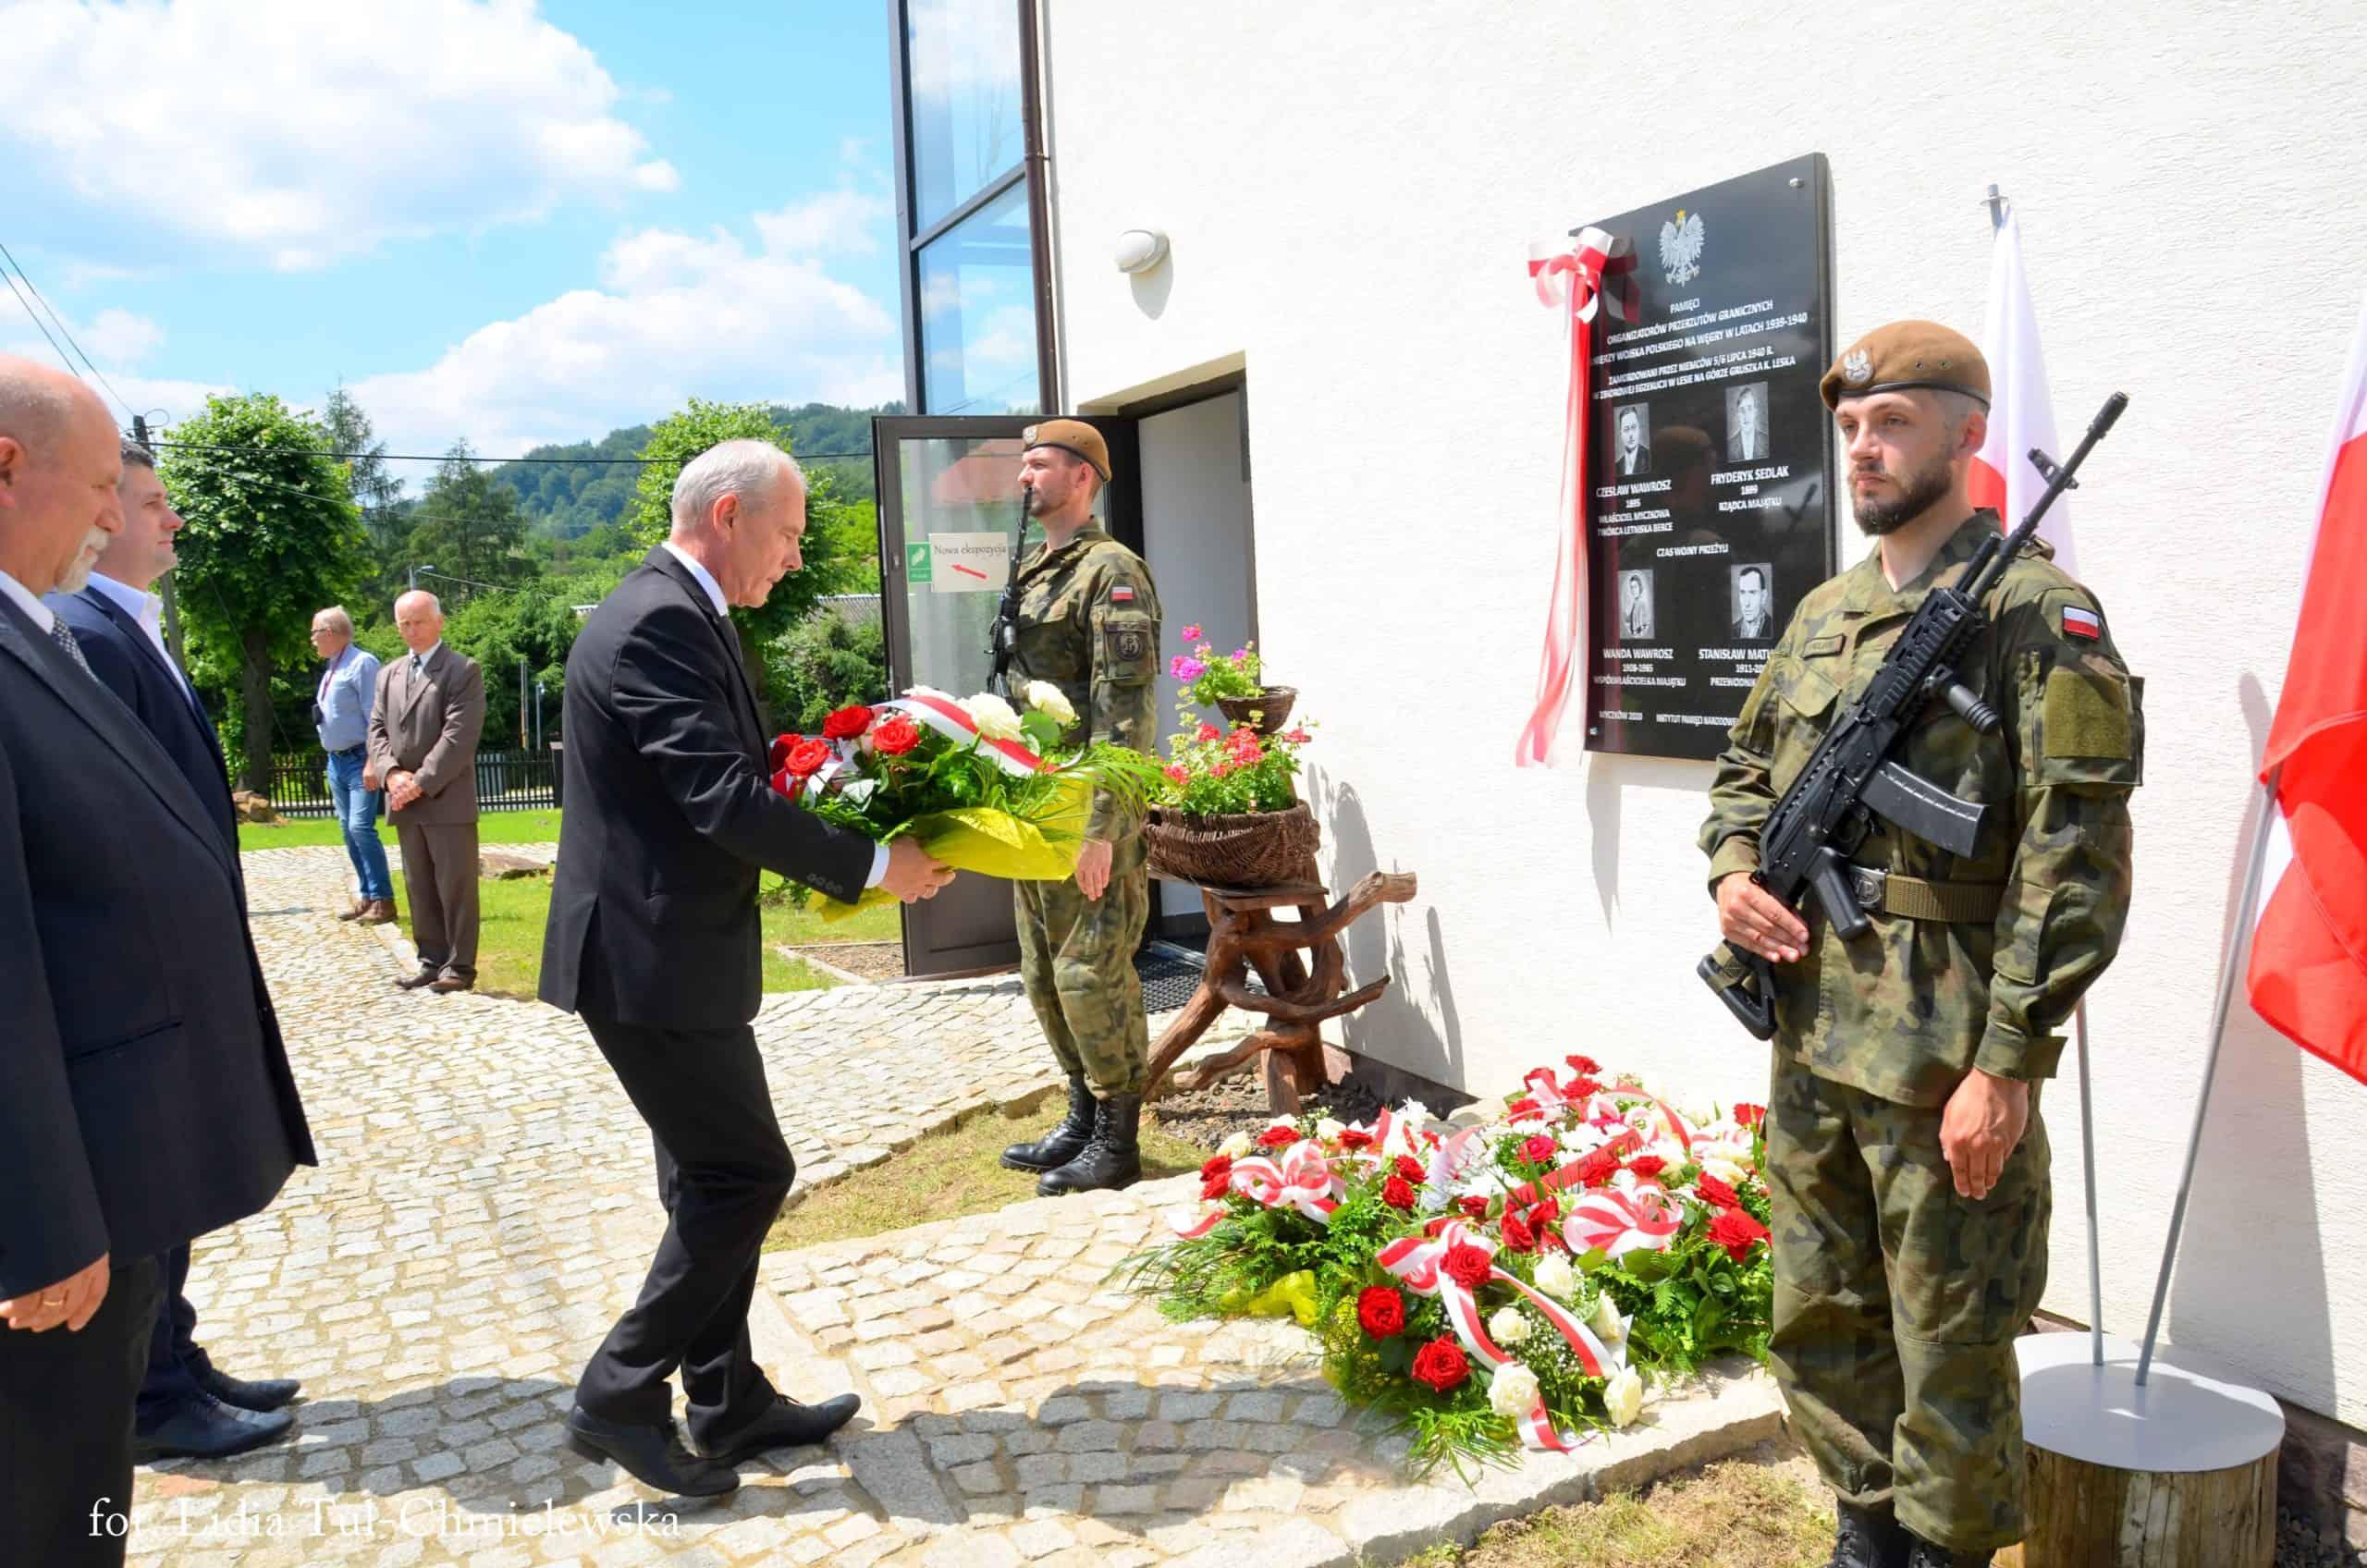 Kwiaty składa starosta leski Andrzej Olesiuk /fot. Lidia Tul-Chmielewska